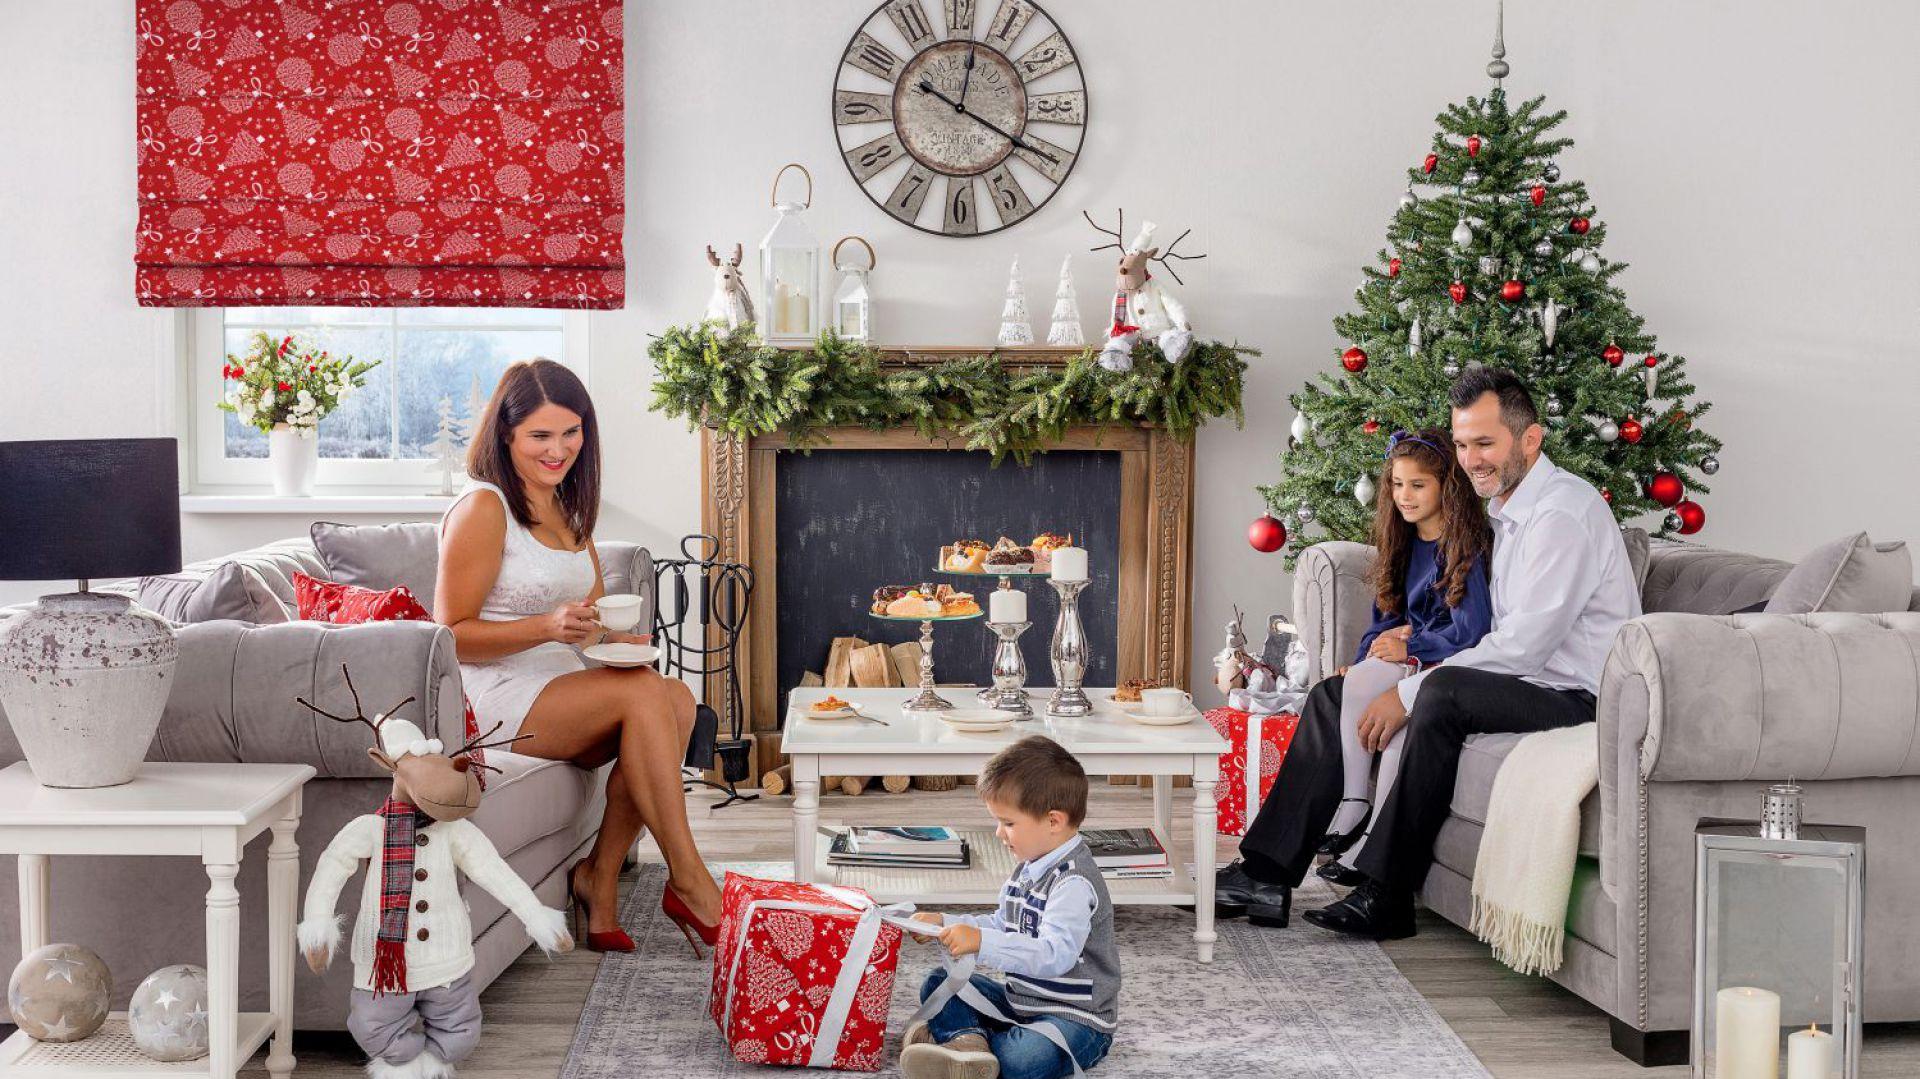 Prezenty to jeden z najpiękniejszych świątecznych zwyczajów. Fot. Dekoria.pl